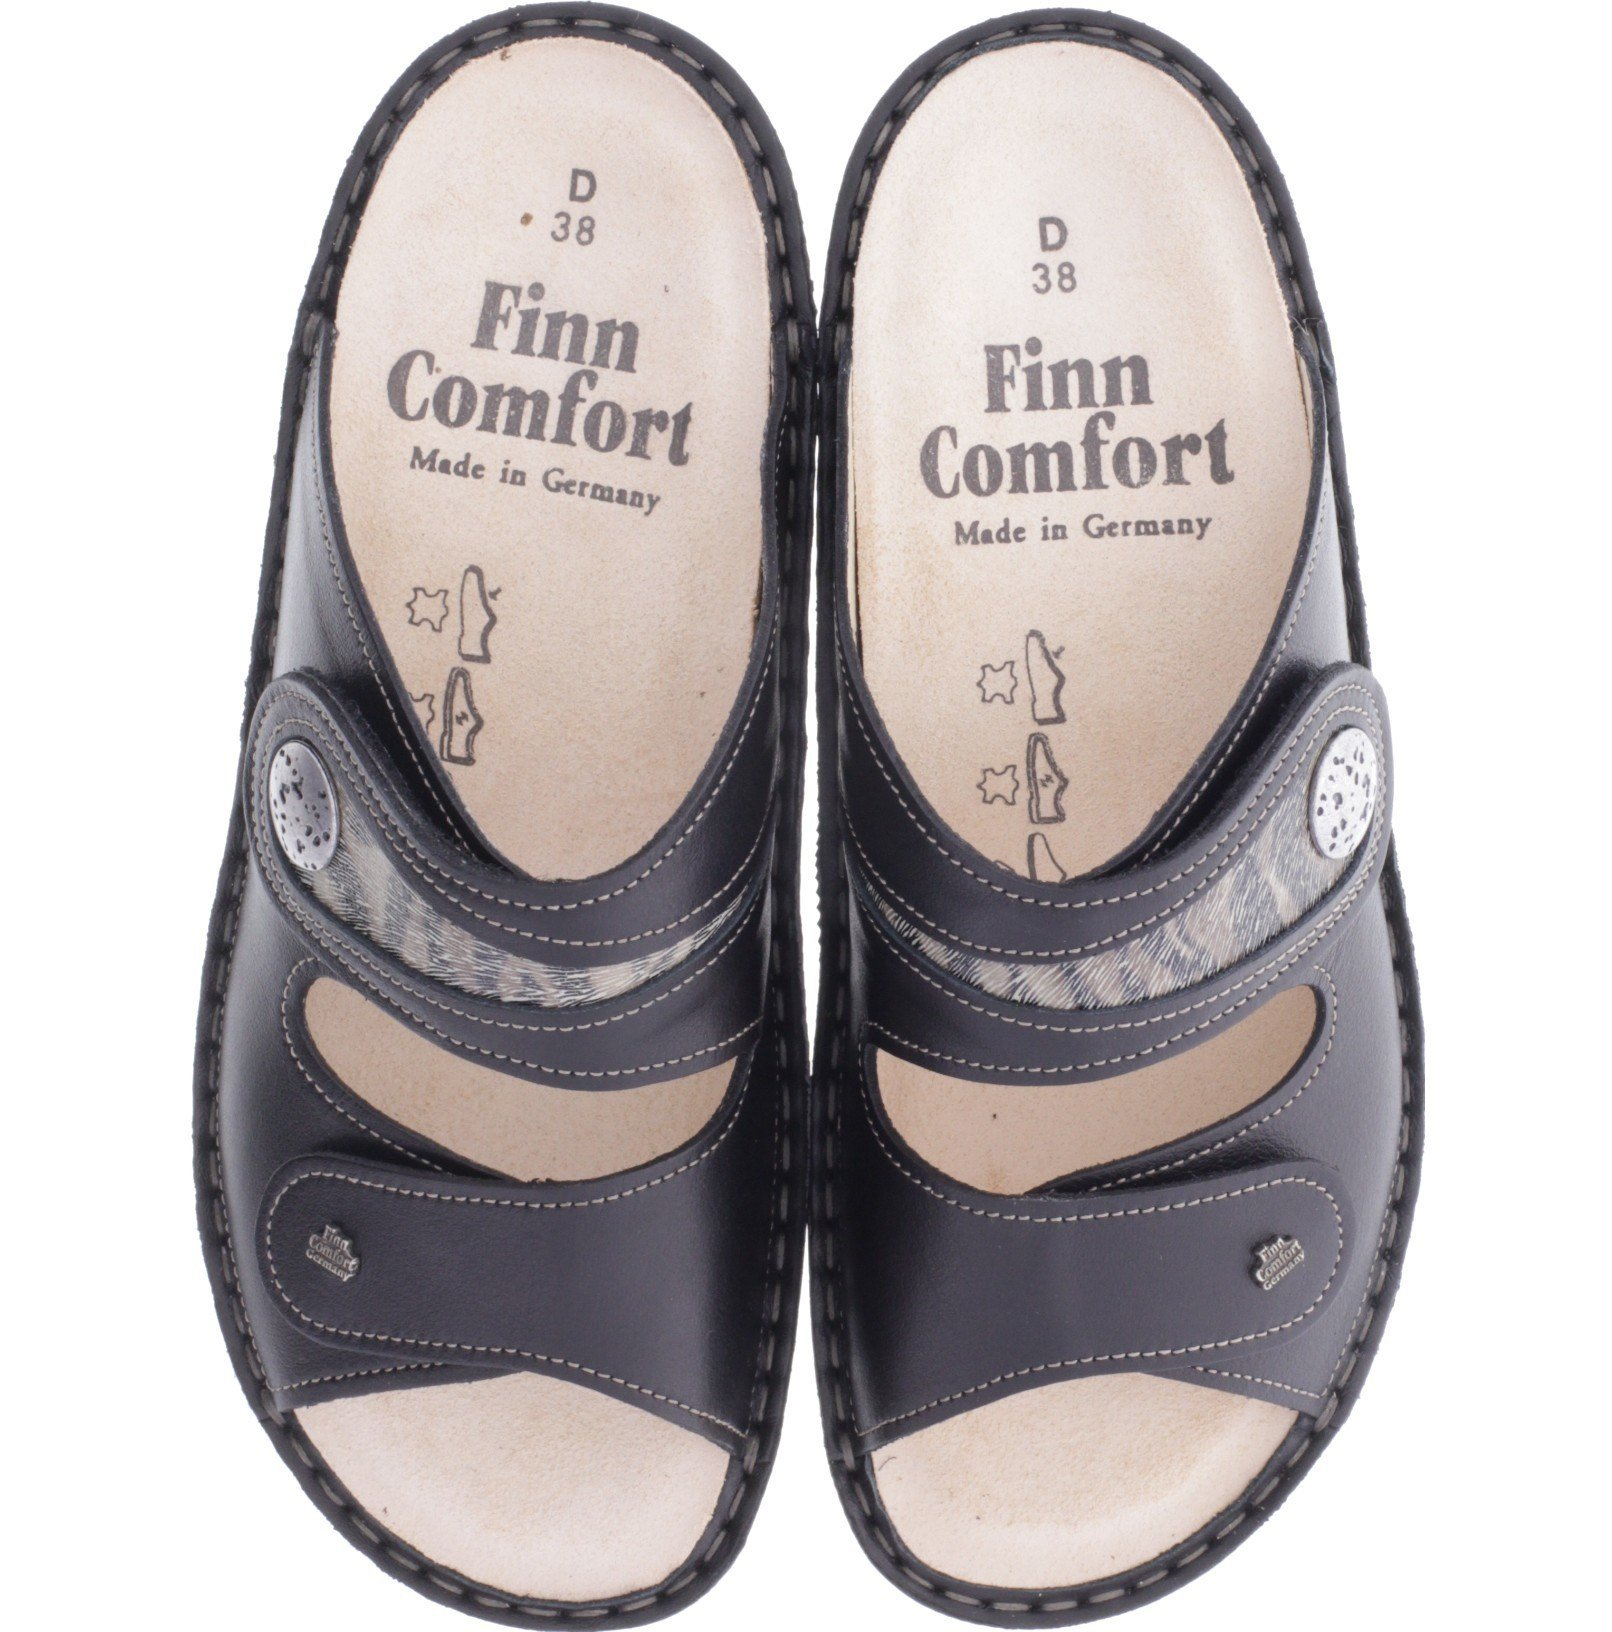 Finn Comfort Schuhe